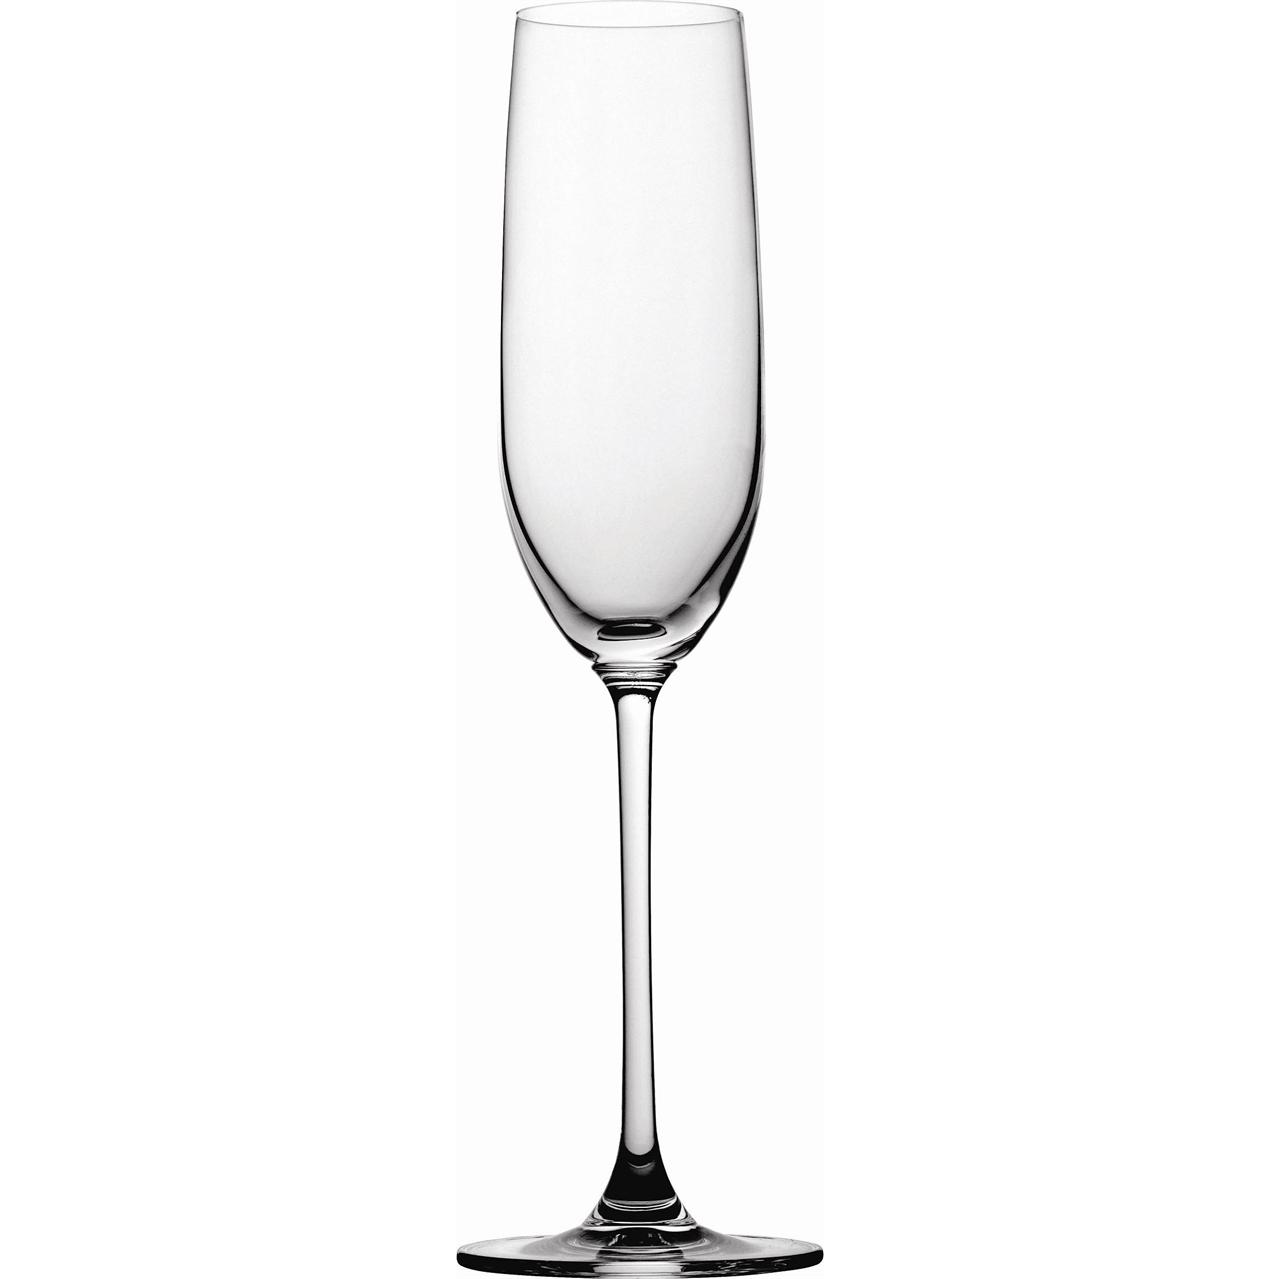 Libbey 3830 Champagne Glass Grazip